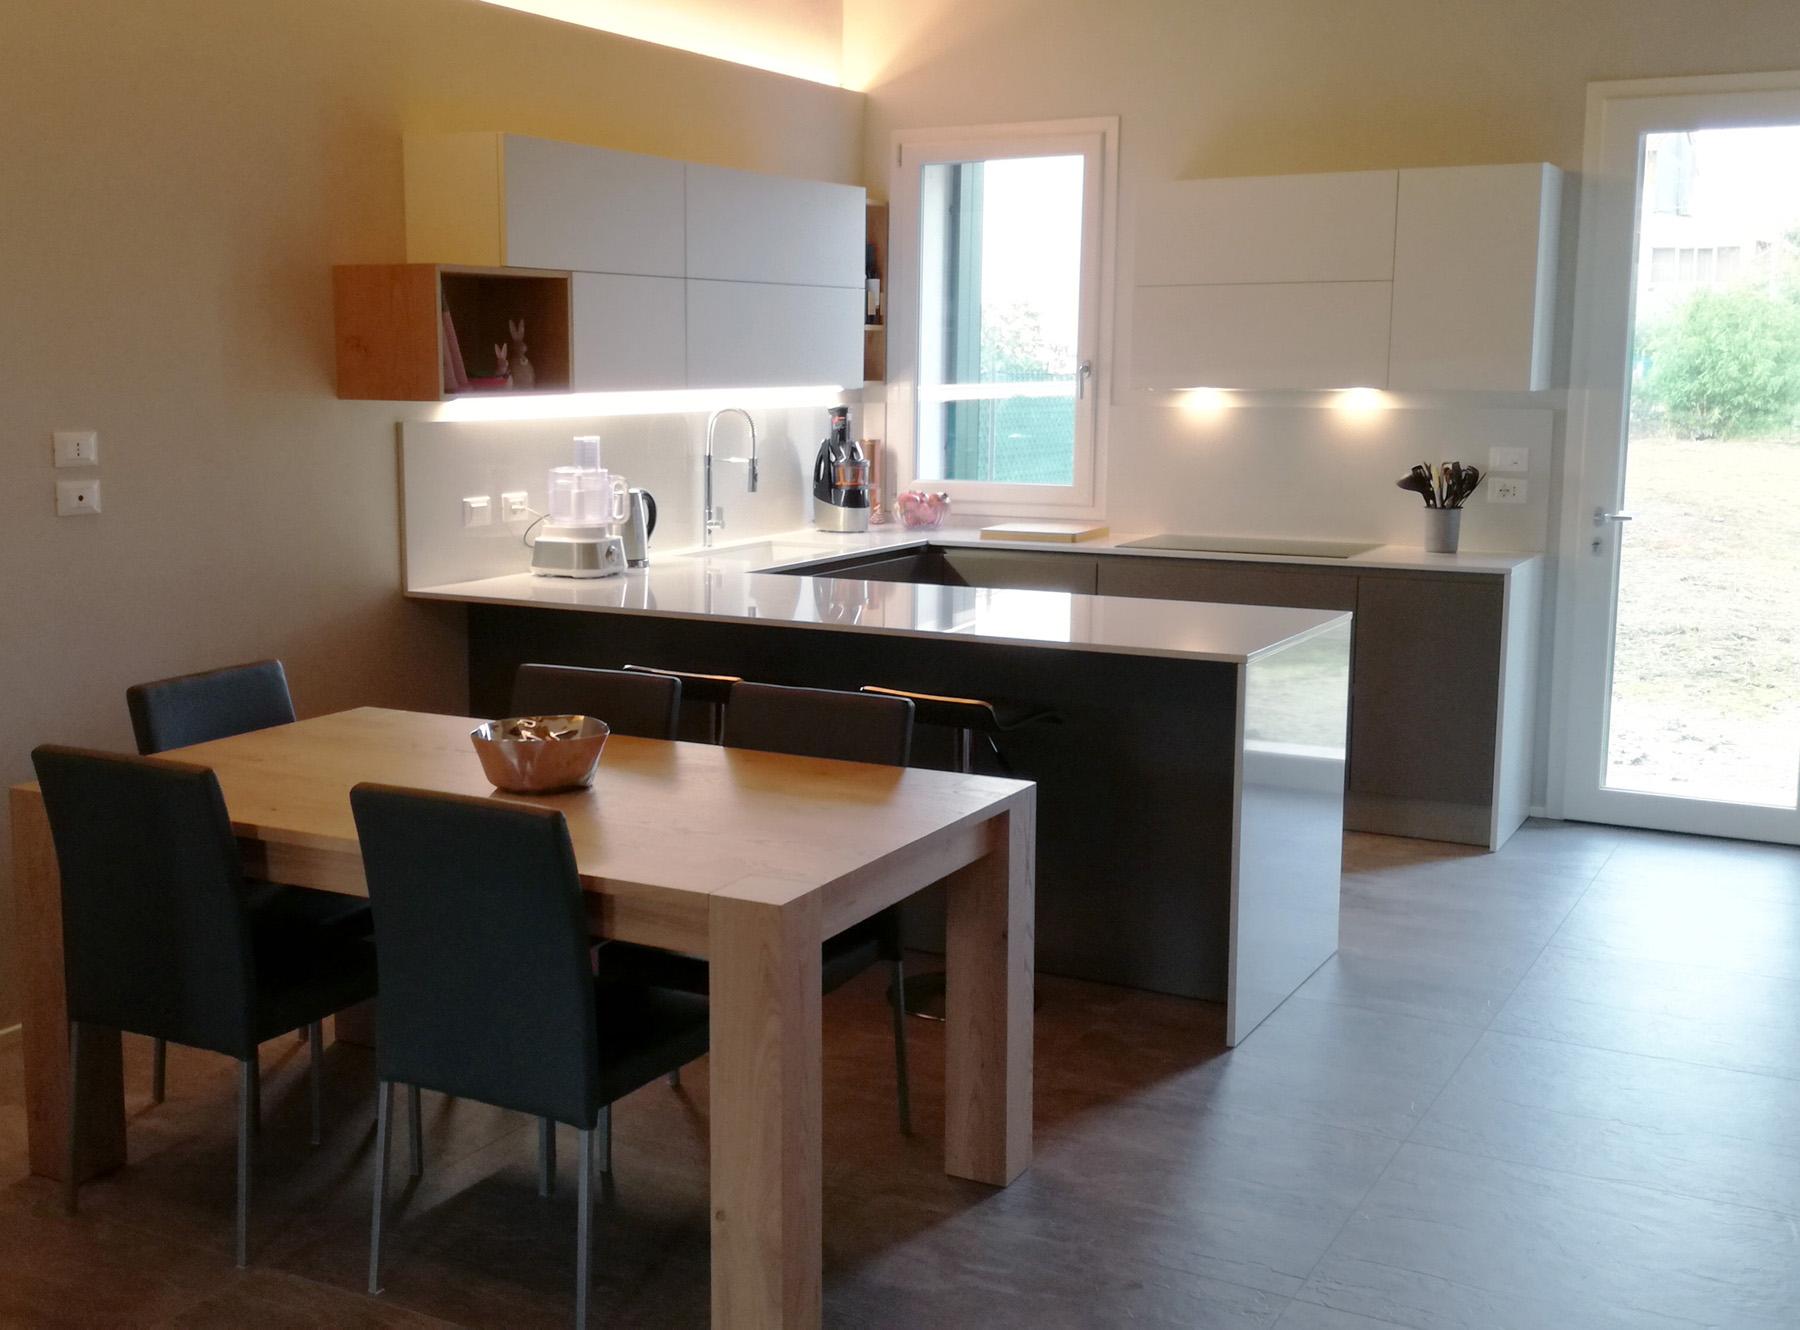 Cucina laccata grigio e bianco con penisola e colonne incassate arredamenti barin - Cucina penisola ...